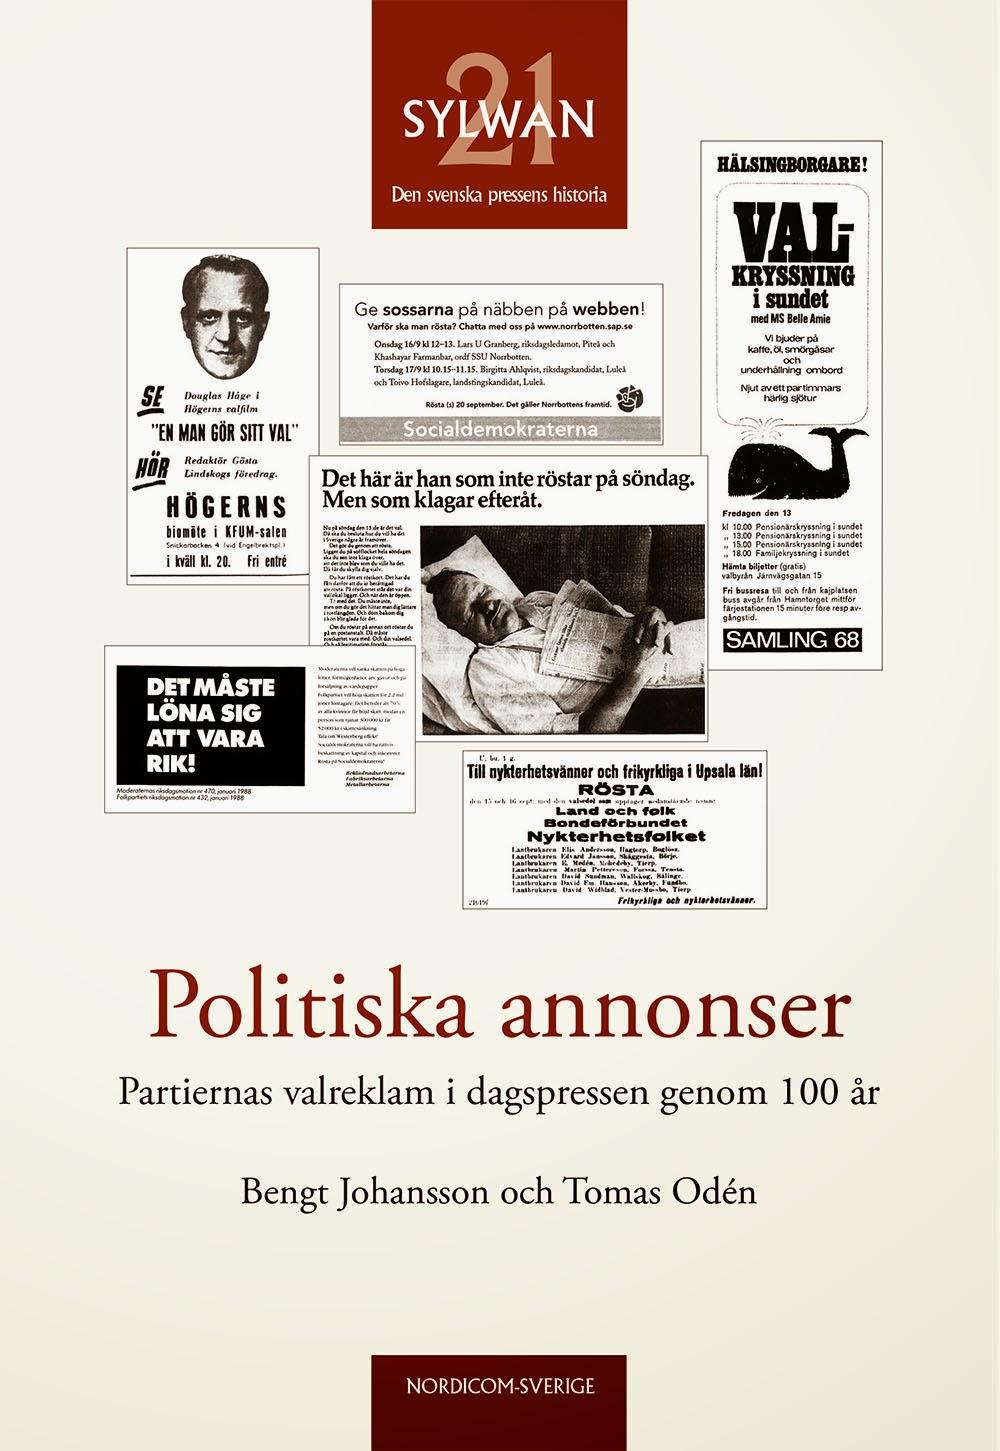 Politiska annonser. Partiernas valreklam i dagspressen genom 100 år